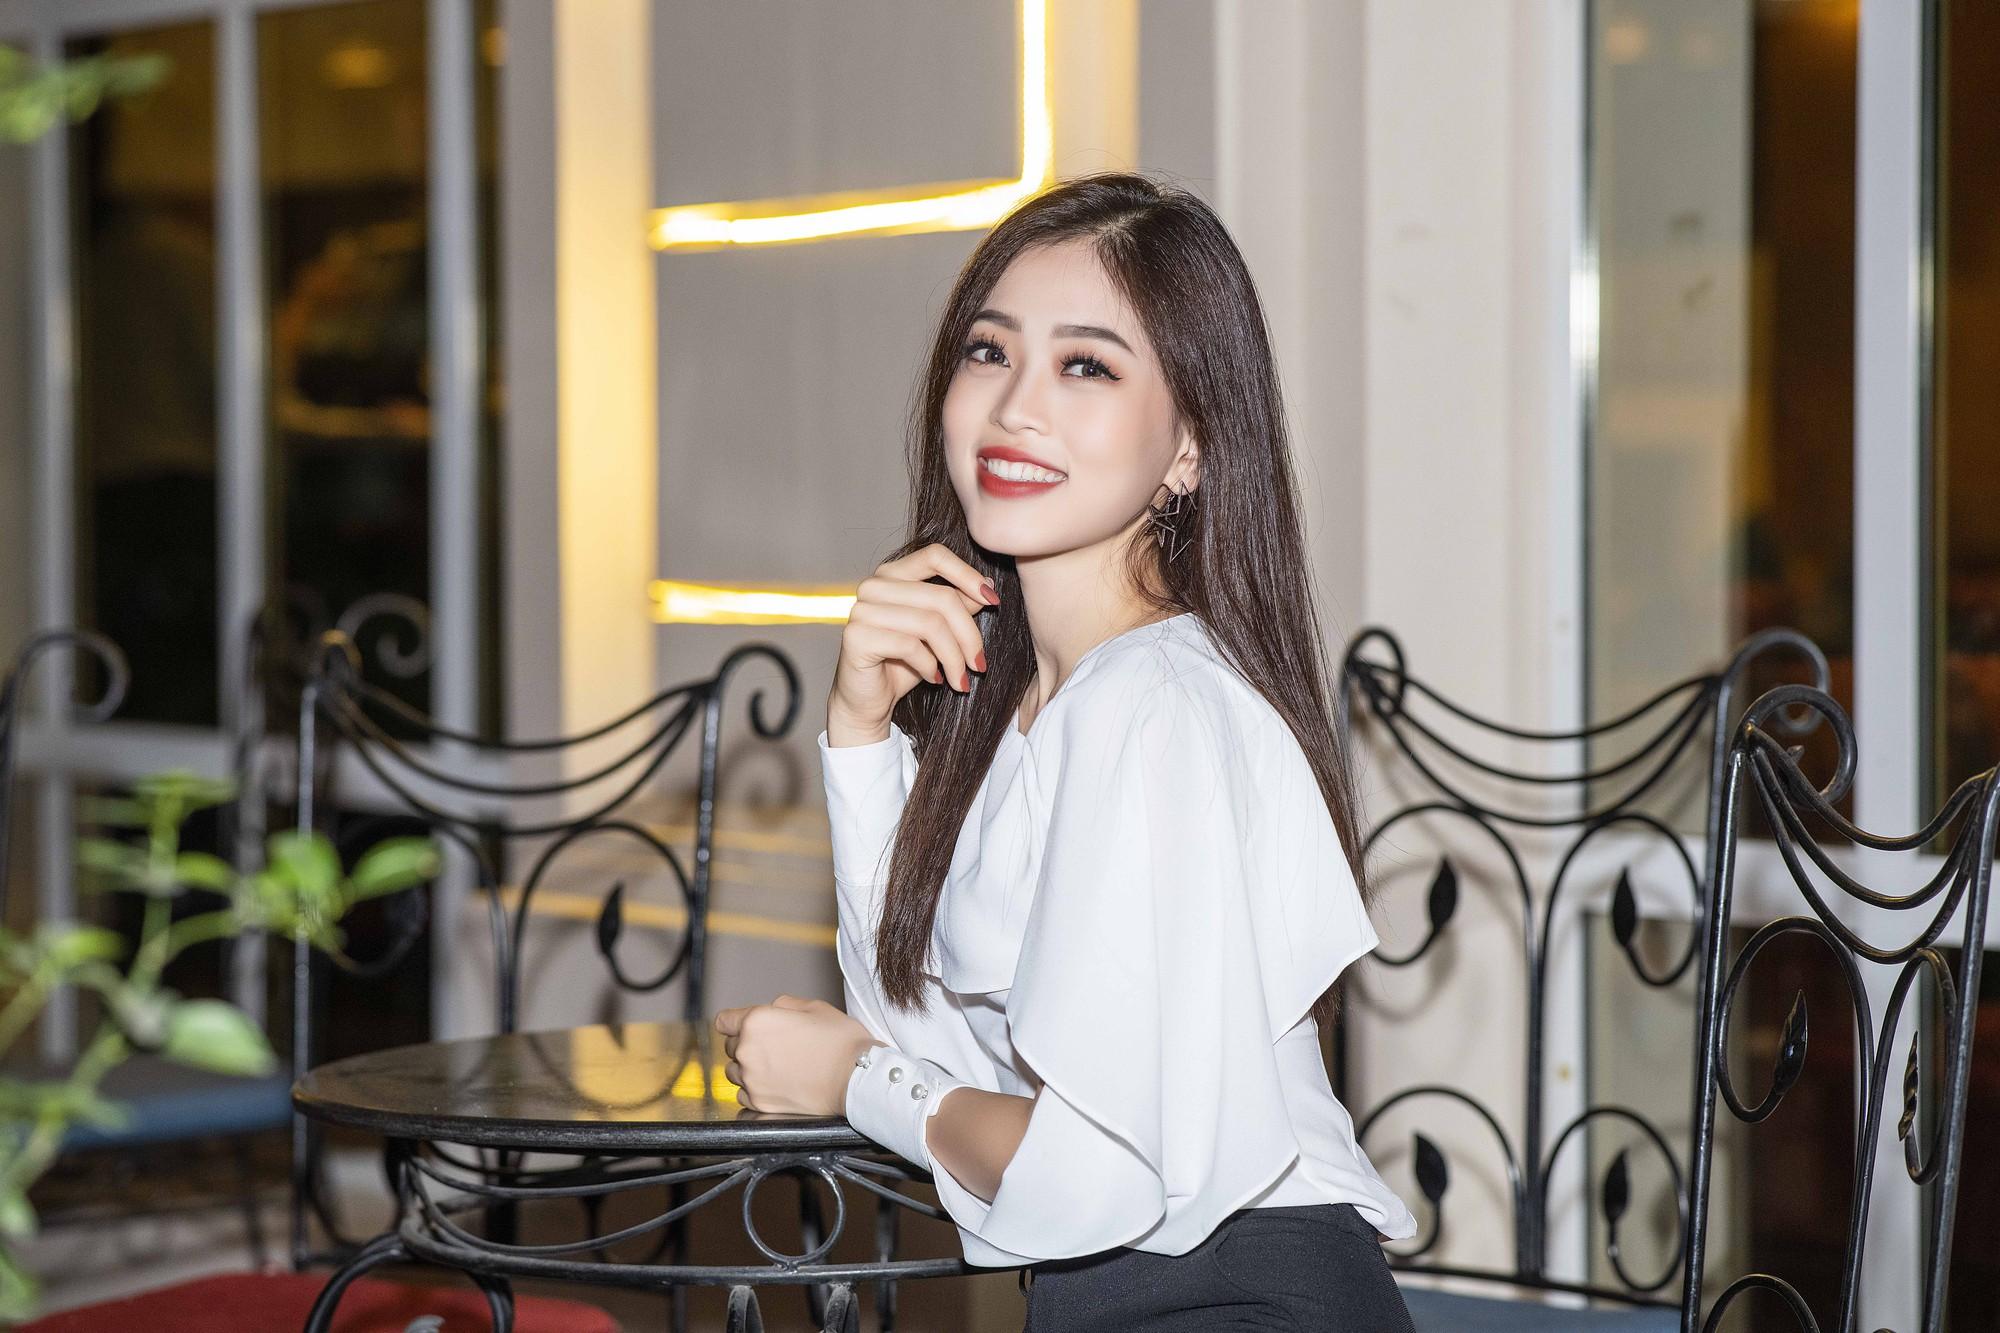 Phương Nga thừa nhận việc bình chọn ảo tại Miss Grand International 2018: Đó là cách thể hiện tình cảm hơi sai của khán giả - Ảnh 6.